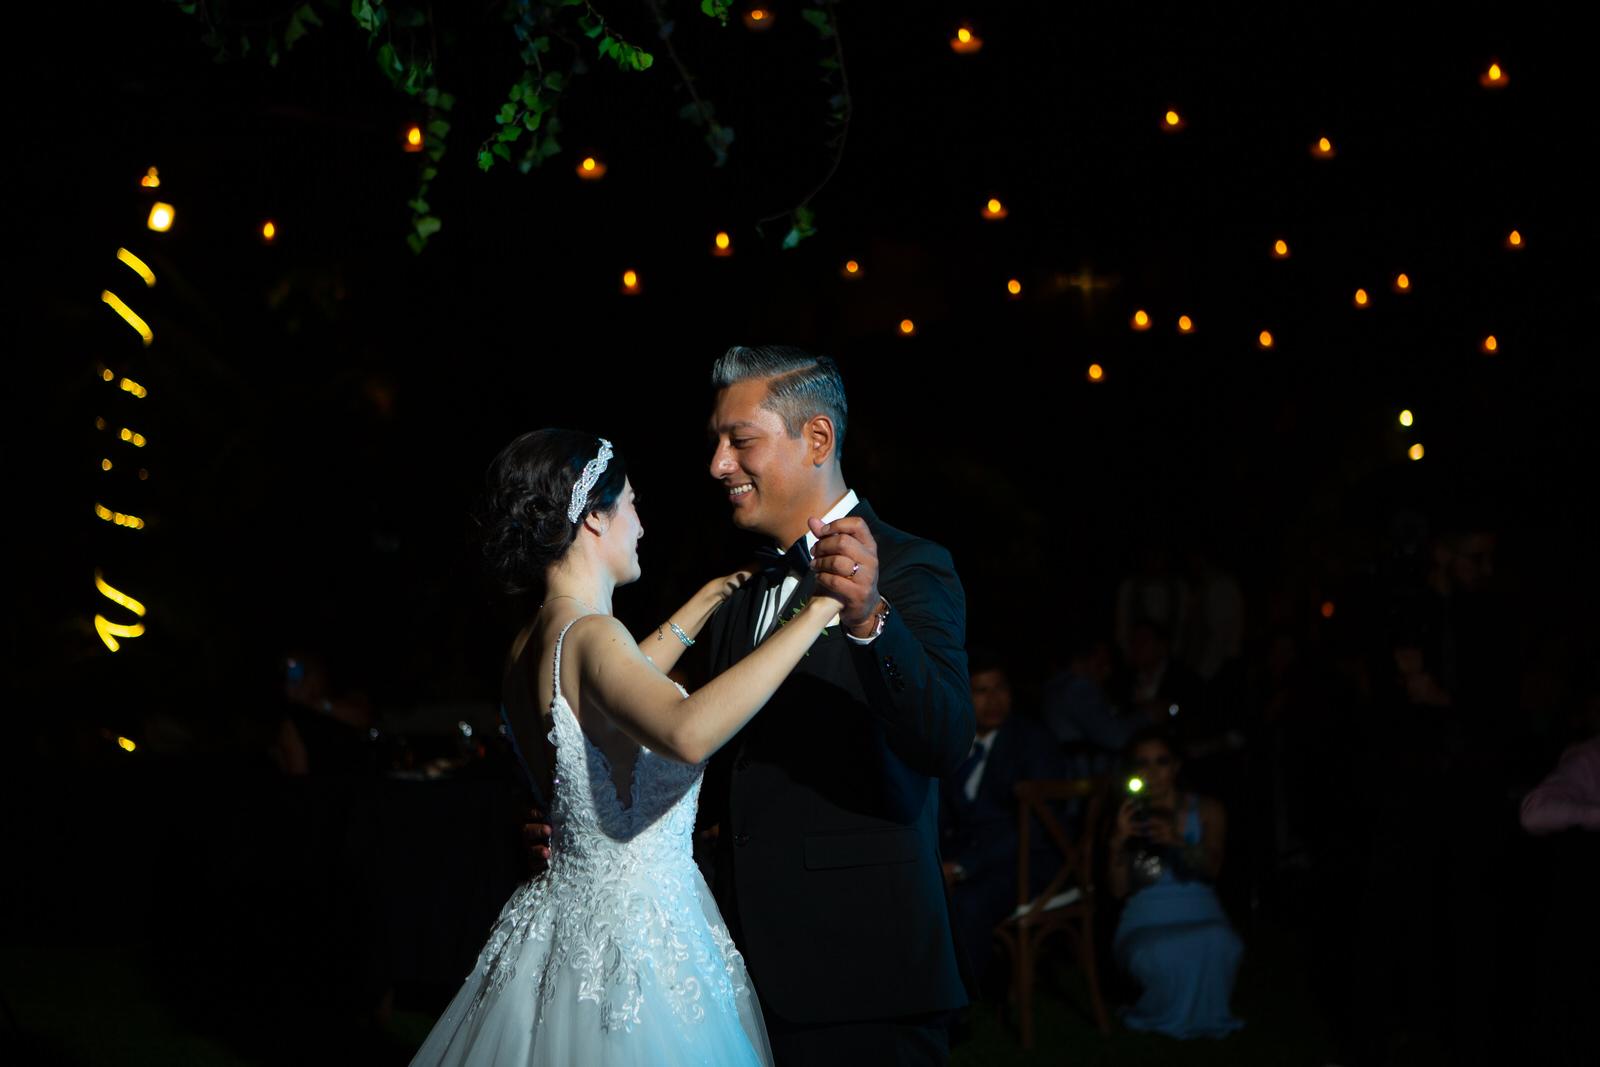 boda_en_casa_de_los_abanicos_fotografo_de_bodas_Marcos_Sanchez_msvfotografia_wedding_destination15.jpg